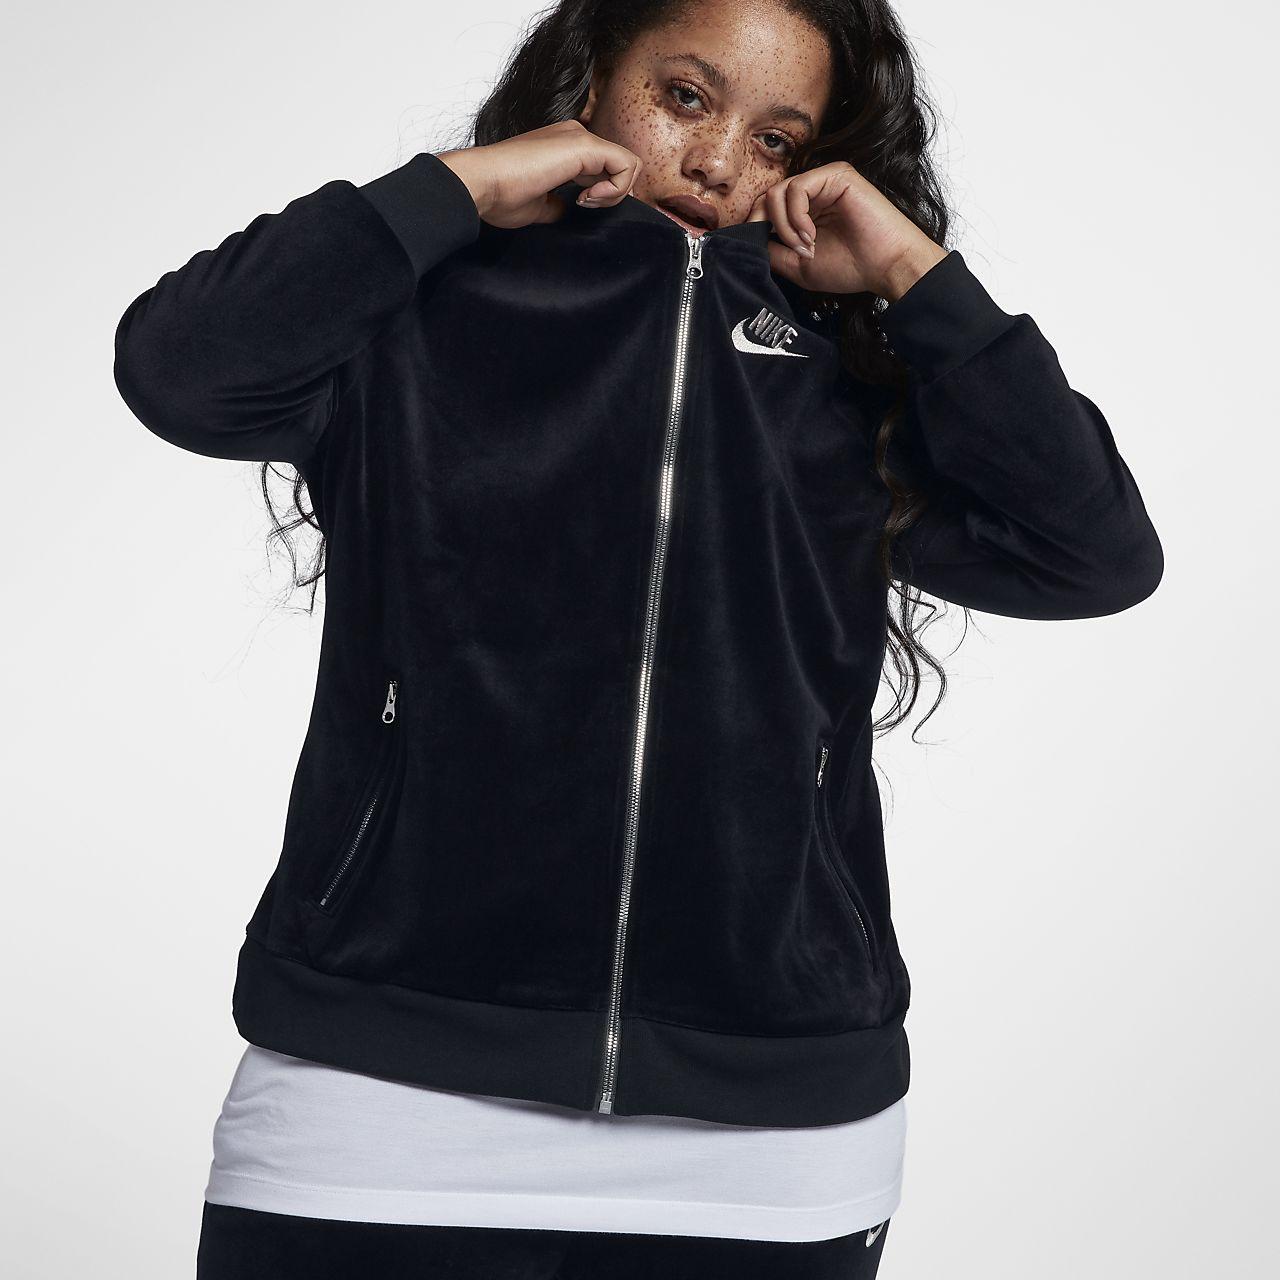 ... Nike Sportswear (Plus Size) Women's Velour Jacket